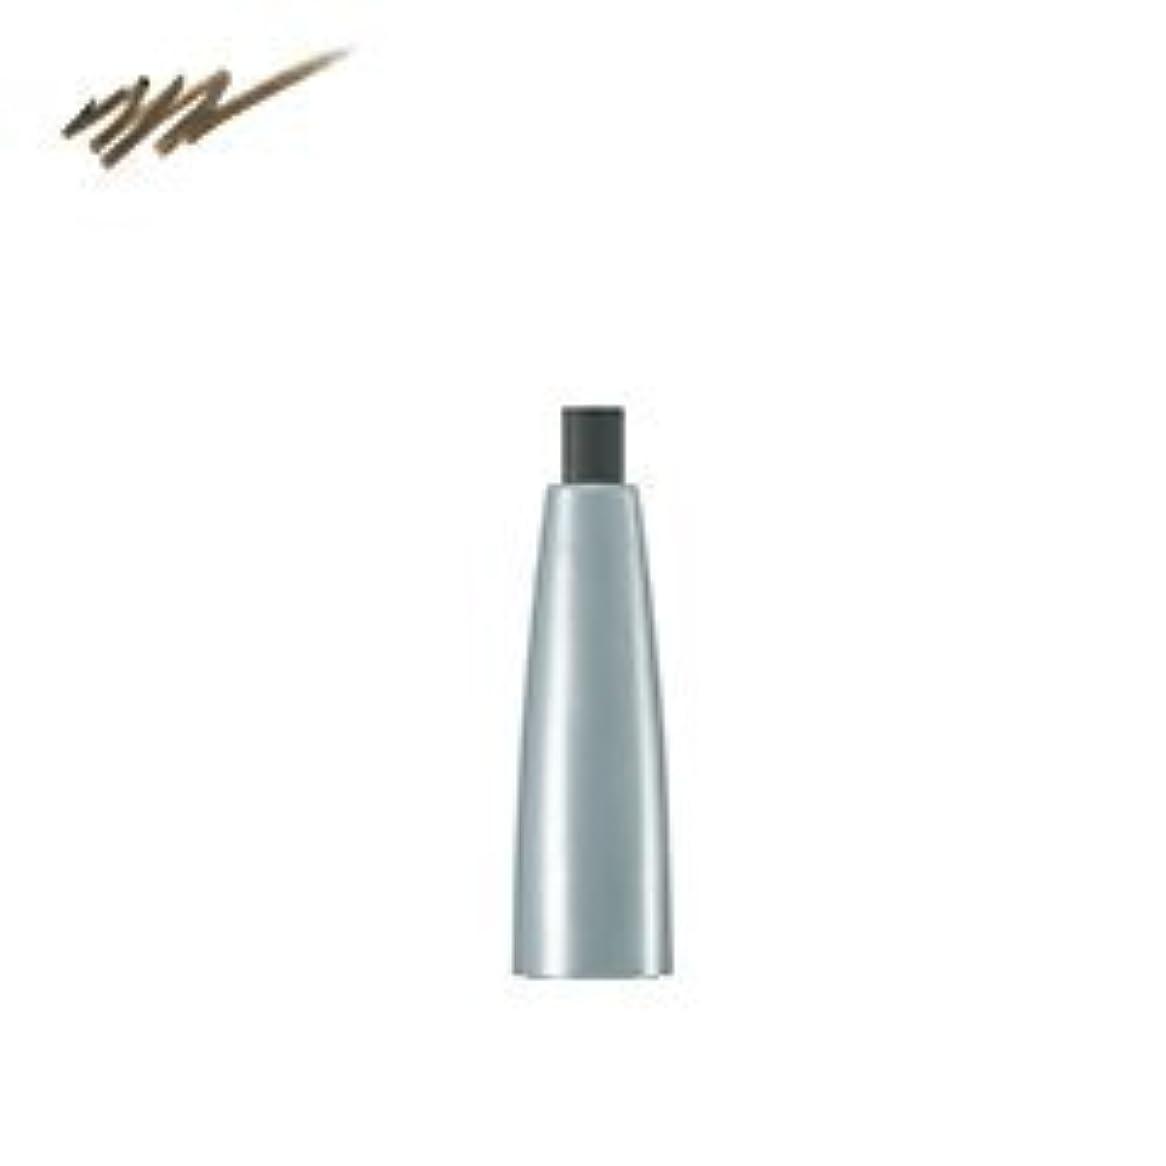 ファーム天文学ミサイルニュースキン nu skin  クチュール  アイブロウ レフィル 色:トフィー  03161022